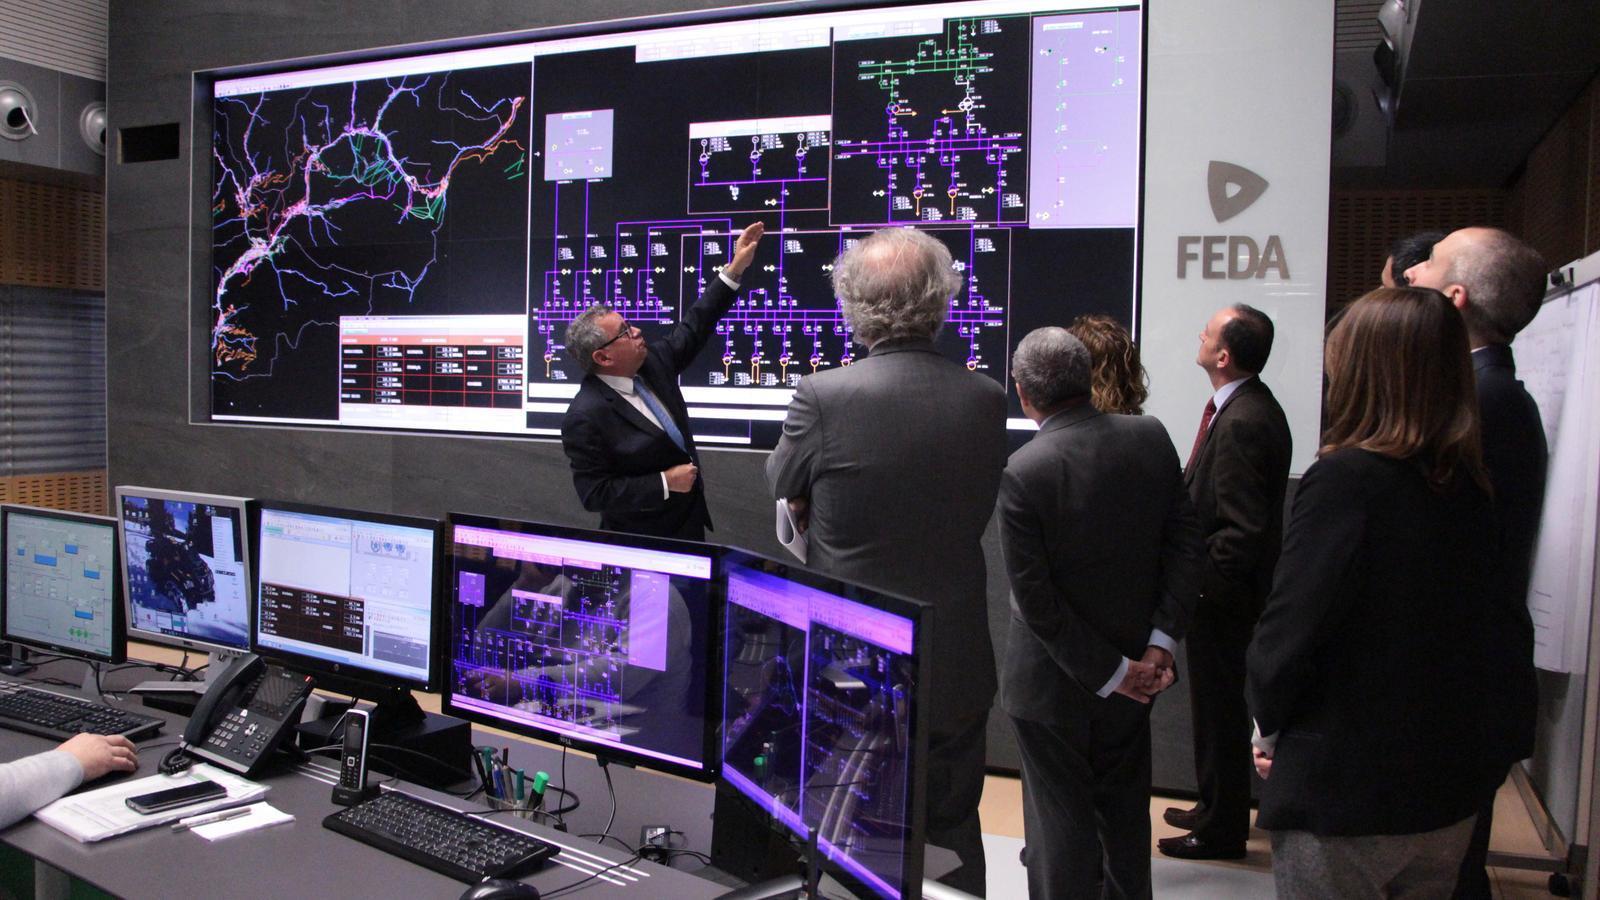 Moles explica el funcionament de la sala de control de FEDA. / M. R. F.